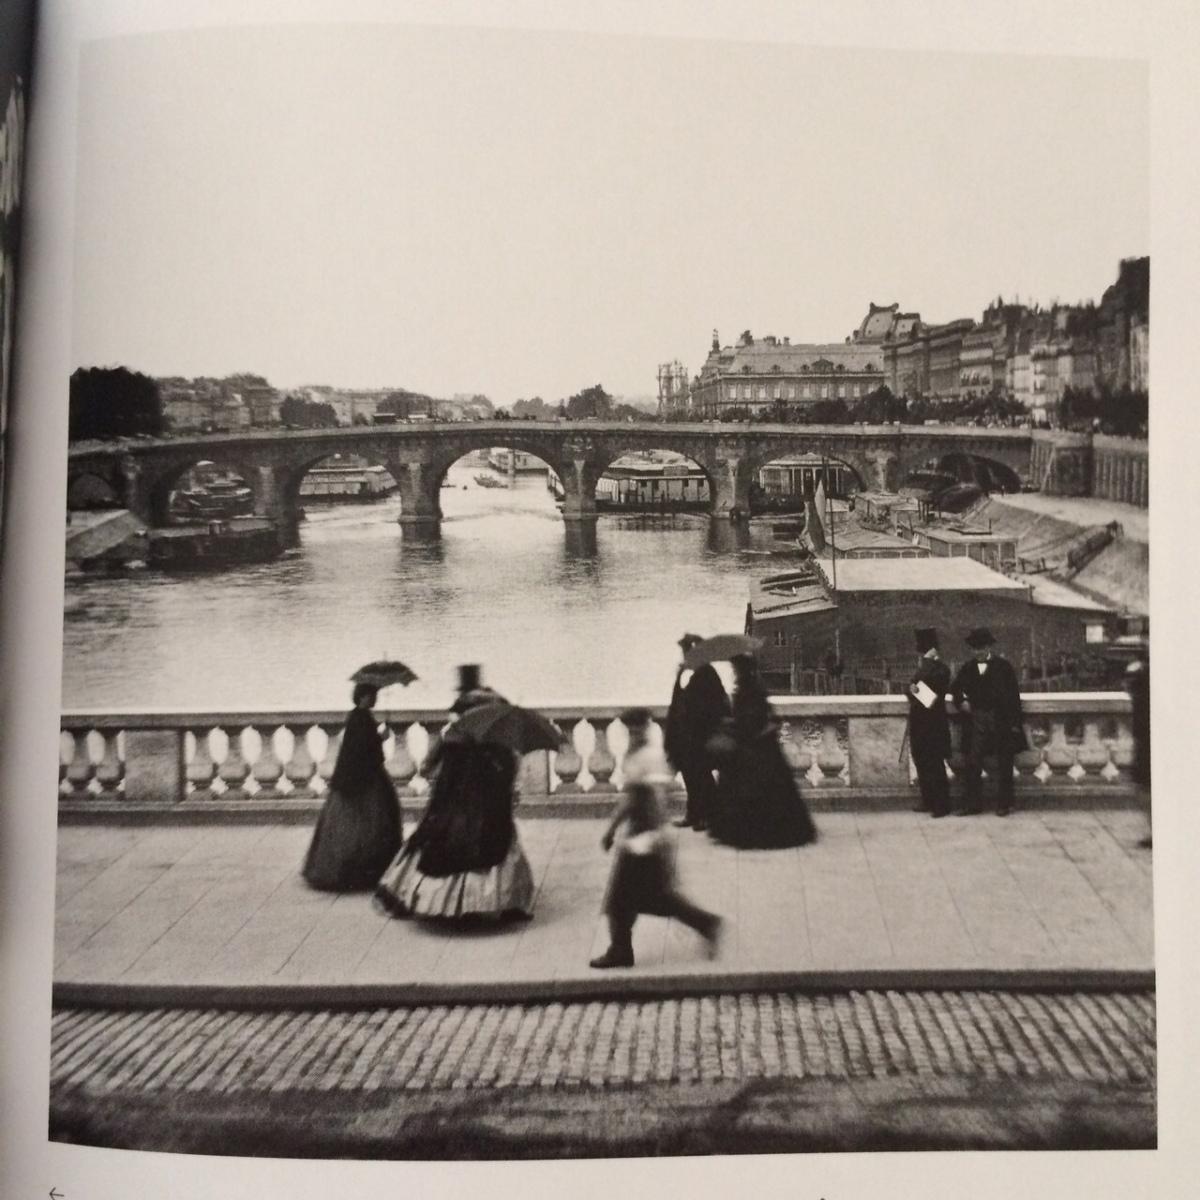 Le Pont au Change, c 1865 -Leon et Levy